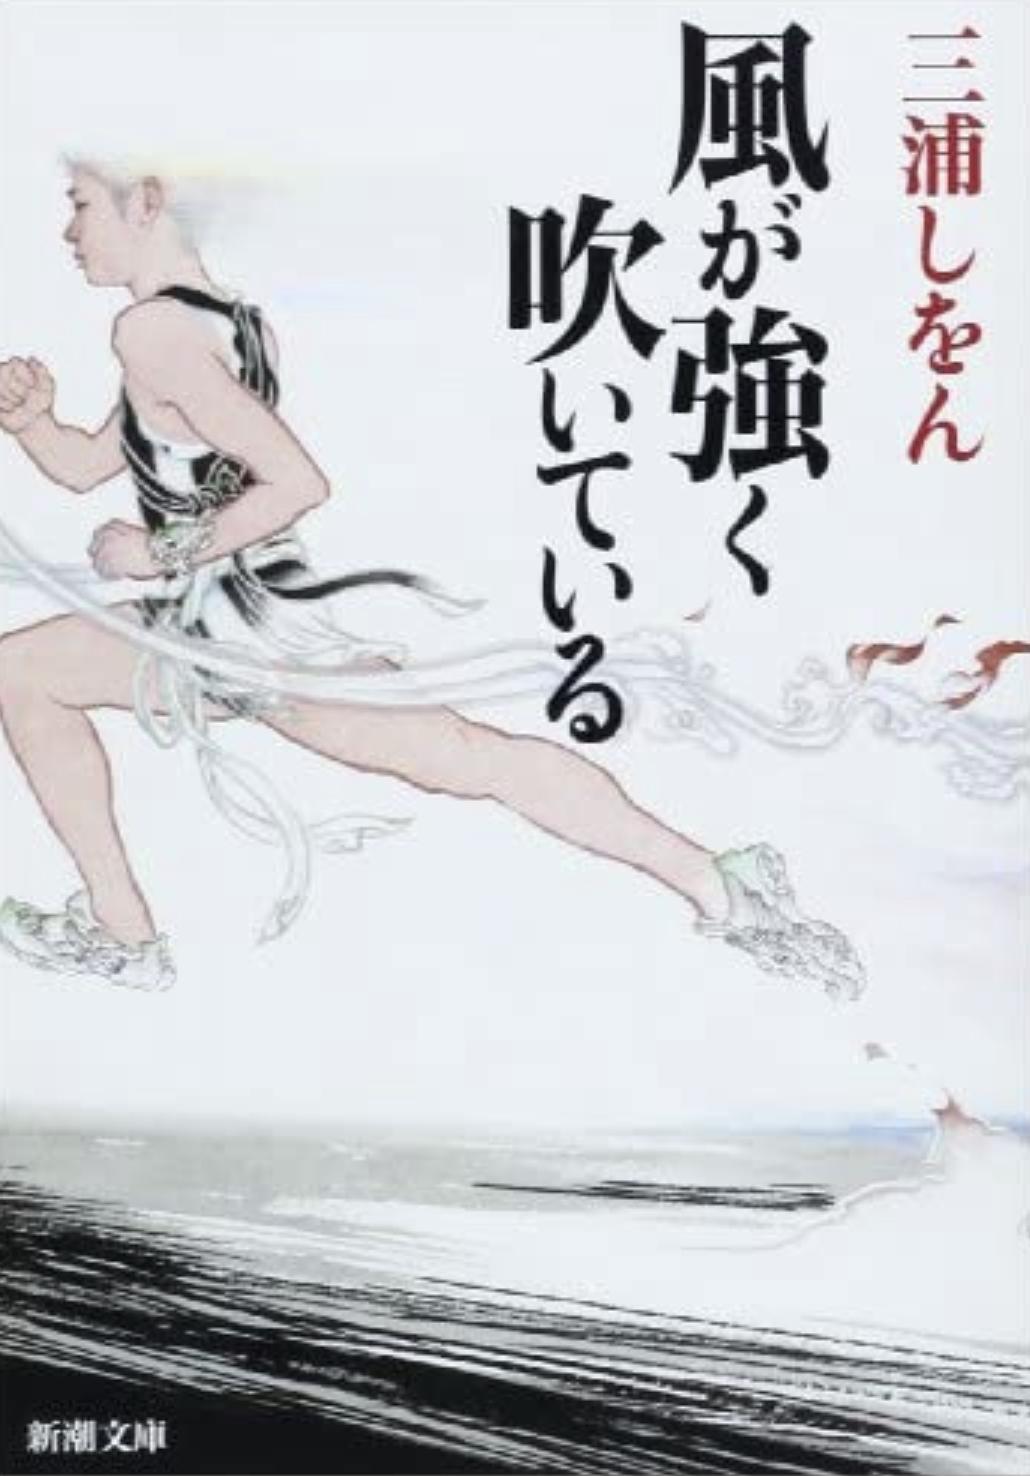 三浦しをん著「風が強く吹いている」